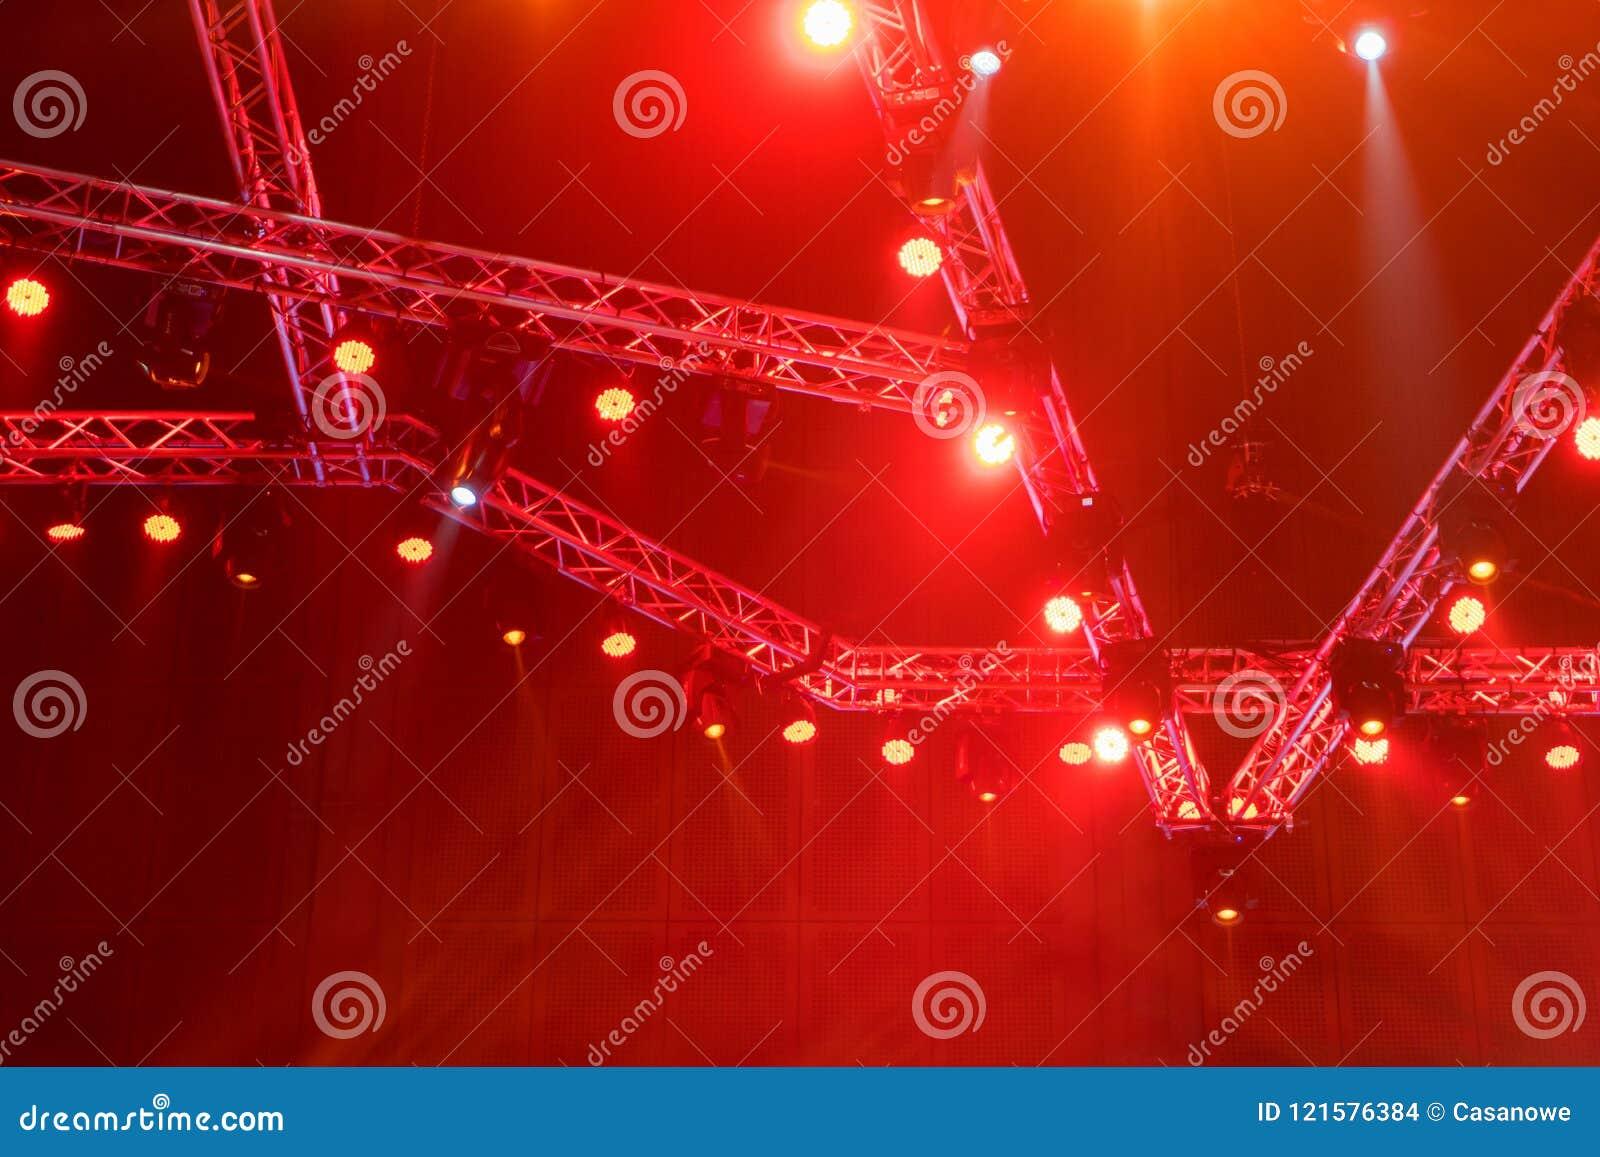 演出在音乐会的光或有激光光芒的照明设备是